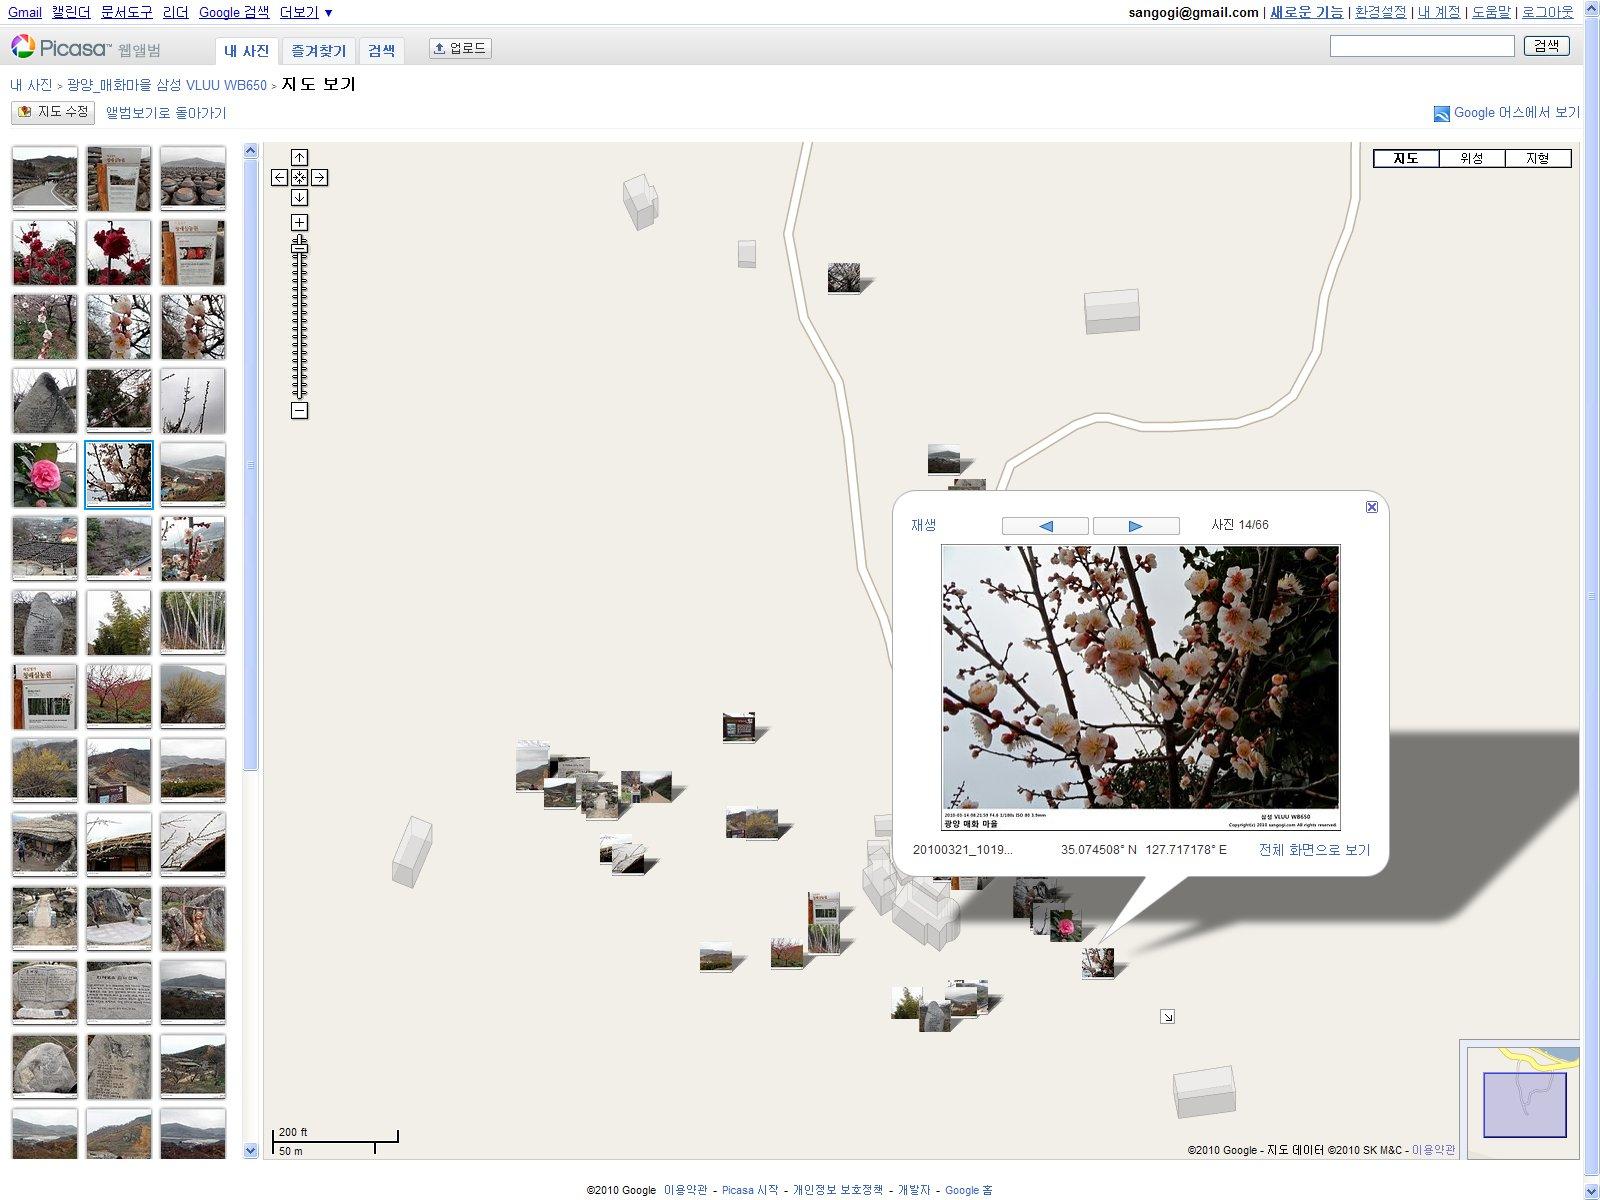 피카사 웹앨범 지도로 보기